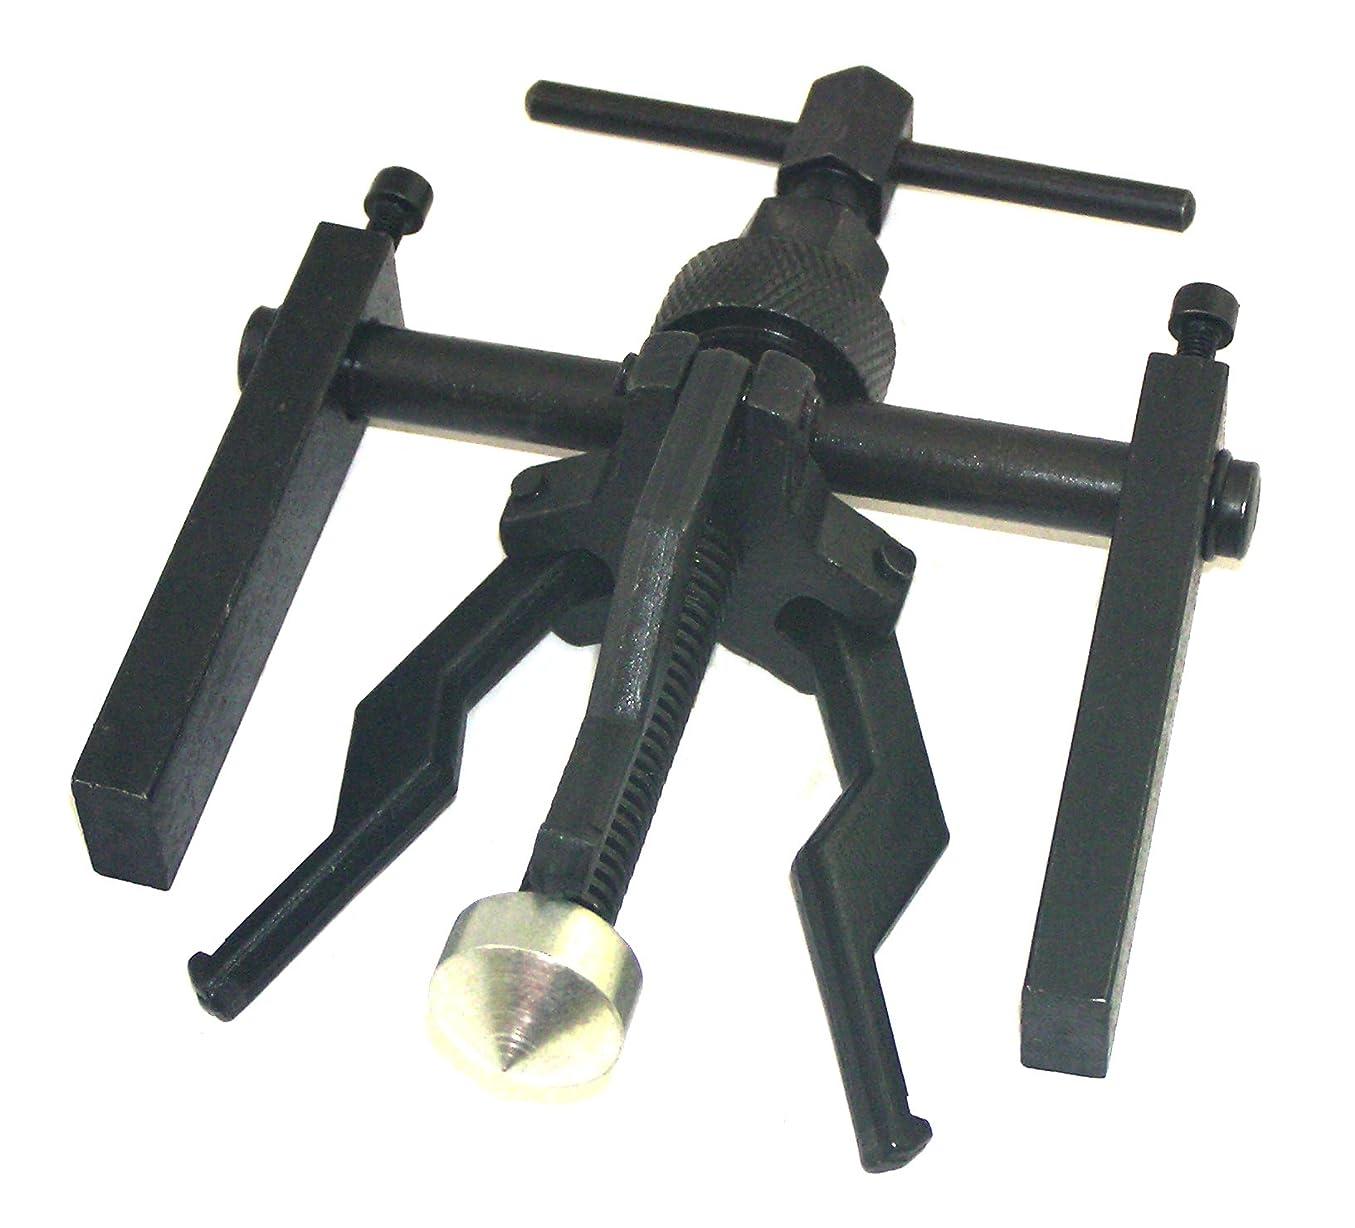 3本爪 パイロット ベアリング プーラー 適応 サイズ 内径 12 ~ 38 mm DIY 整備 ツール A033